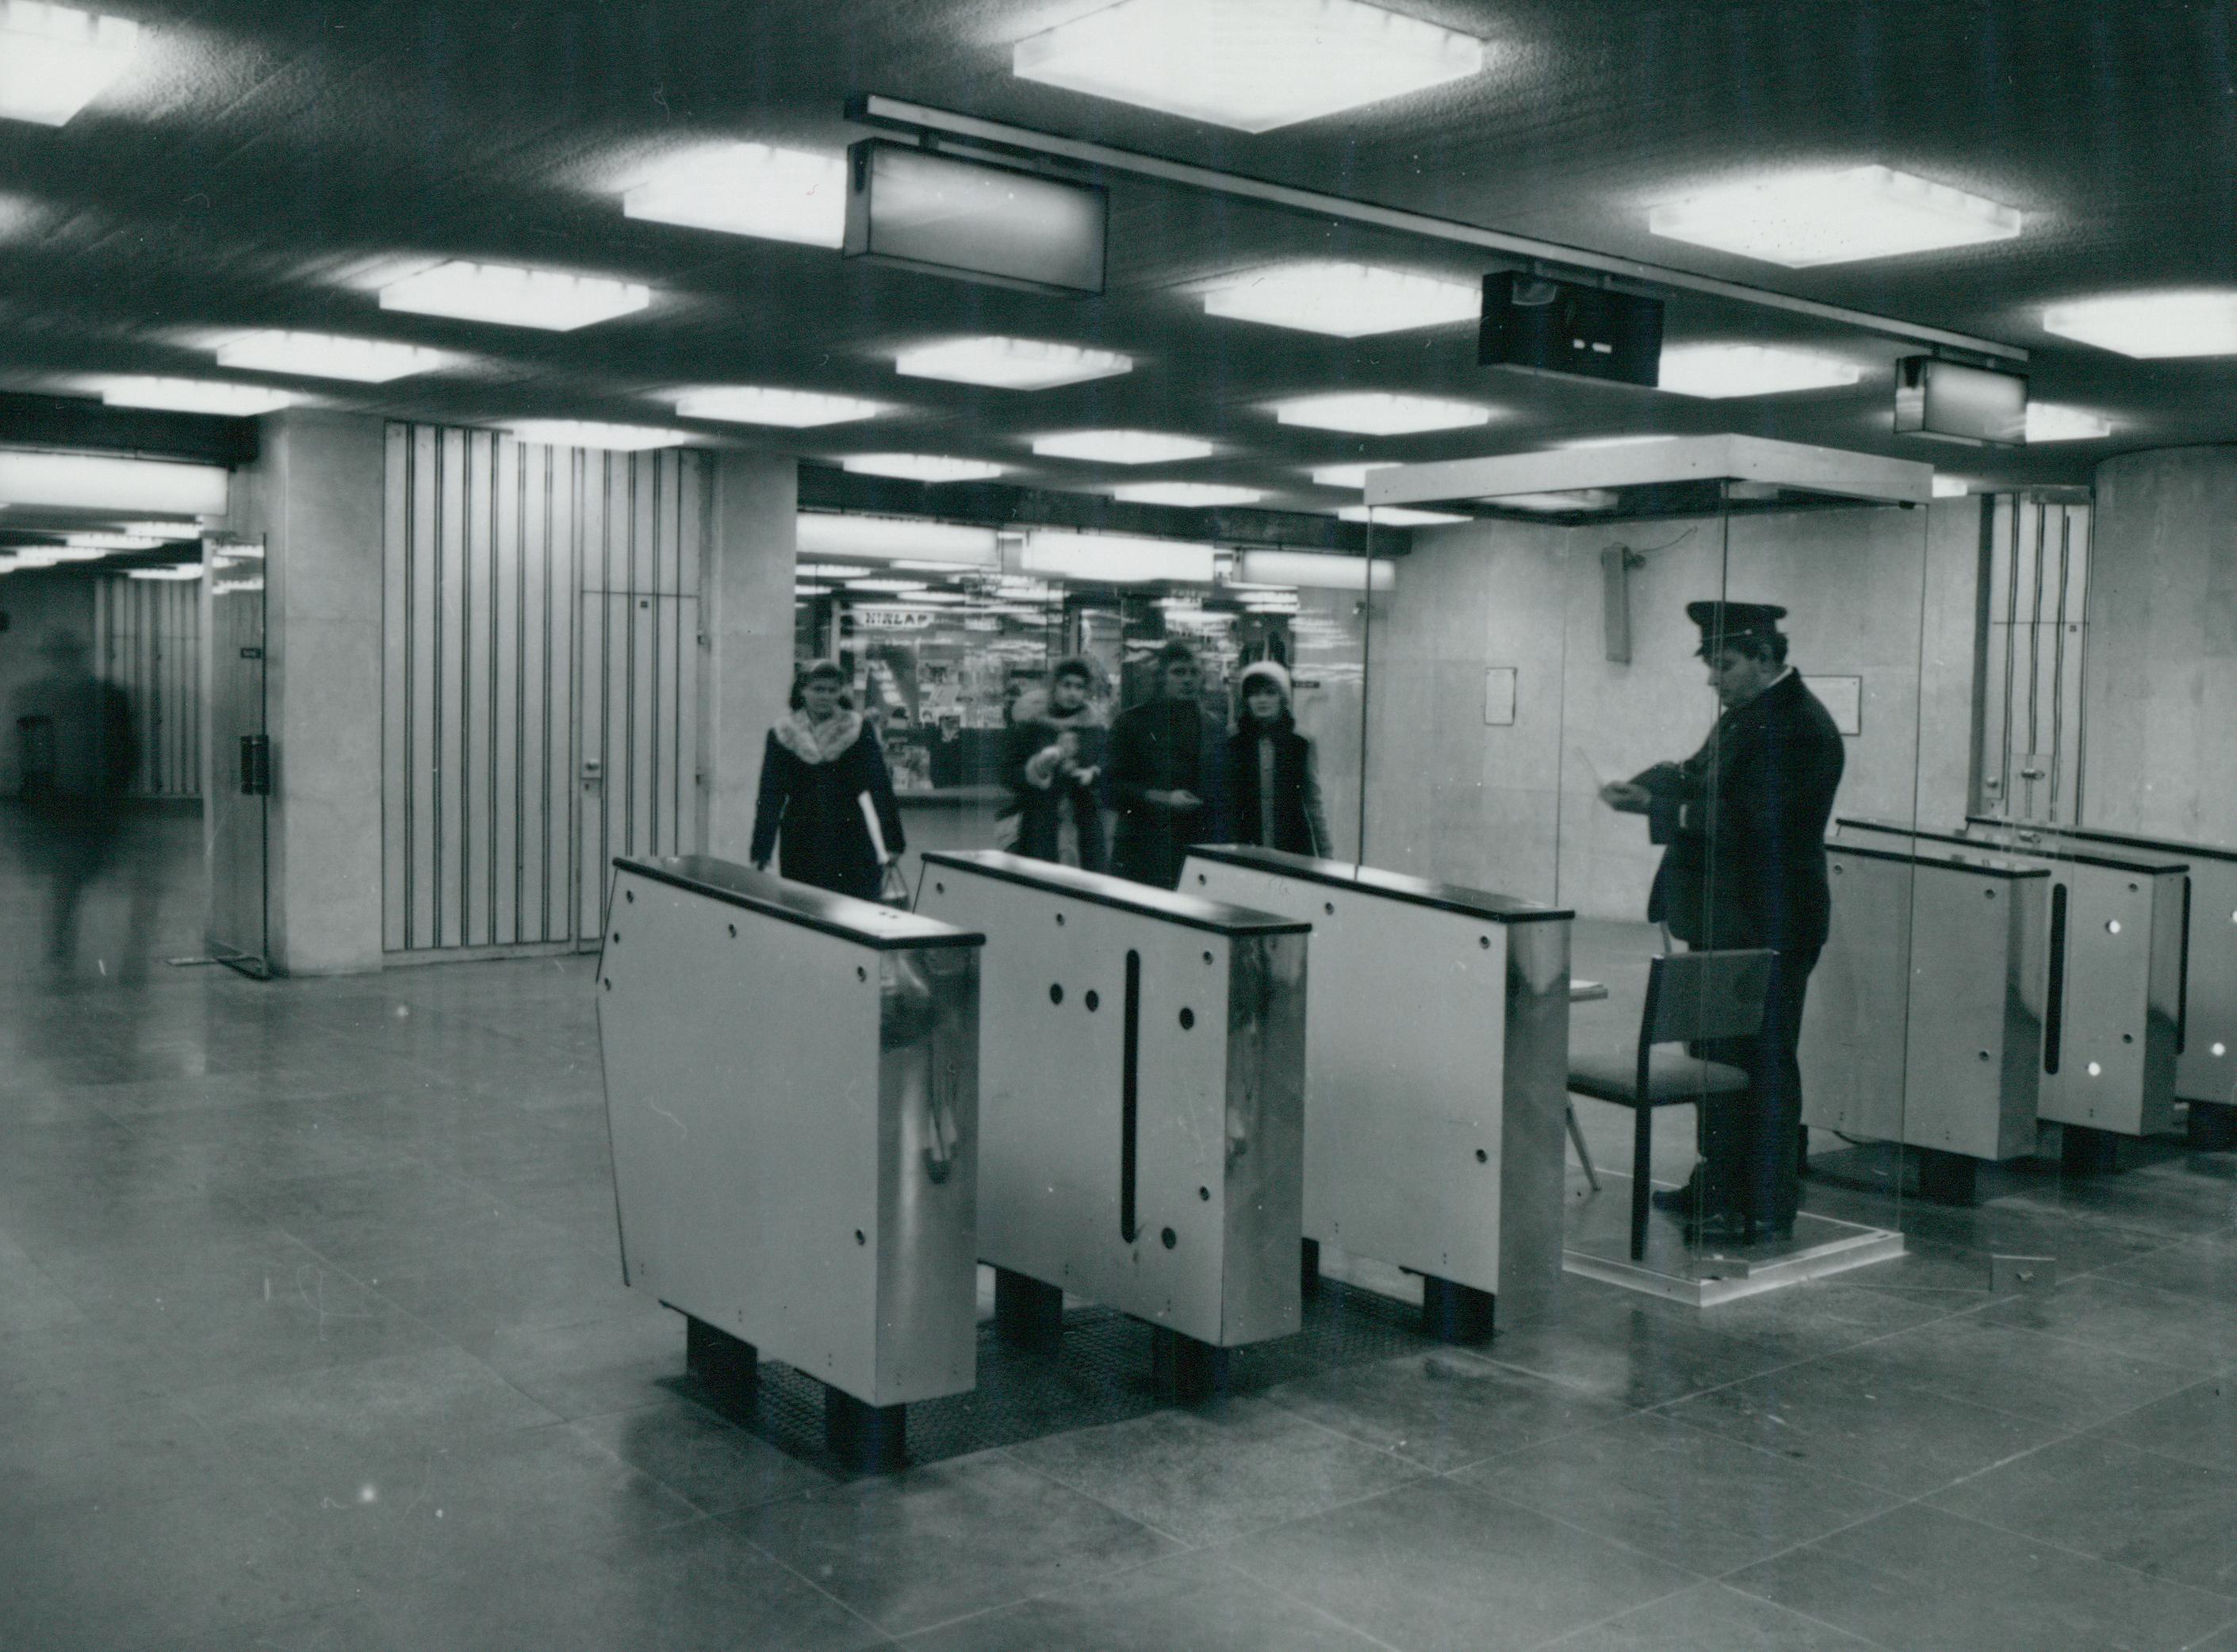 Jegykezelés a Deák téri metró aluljáróban